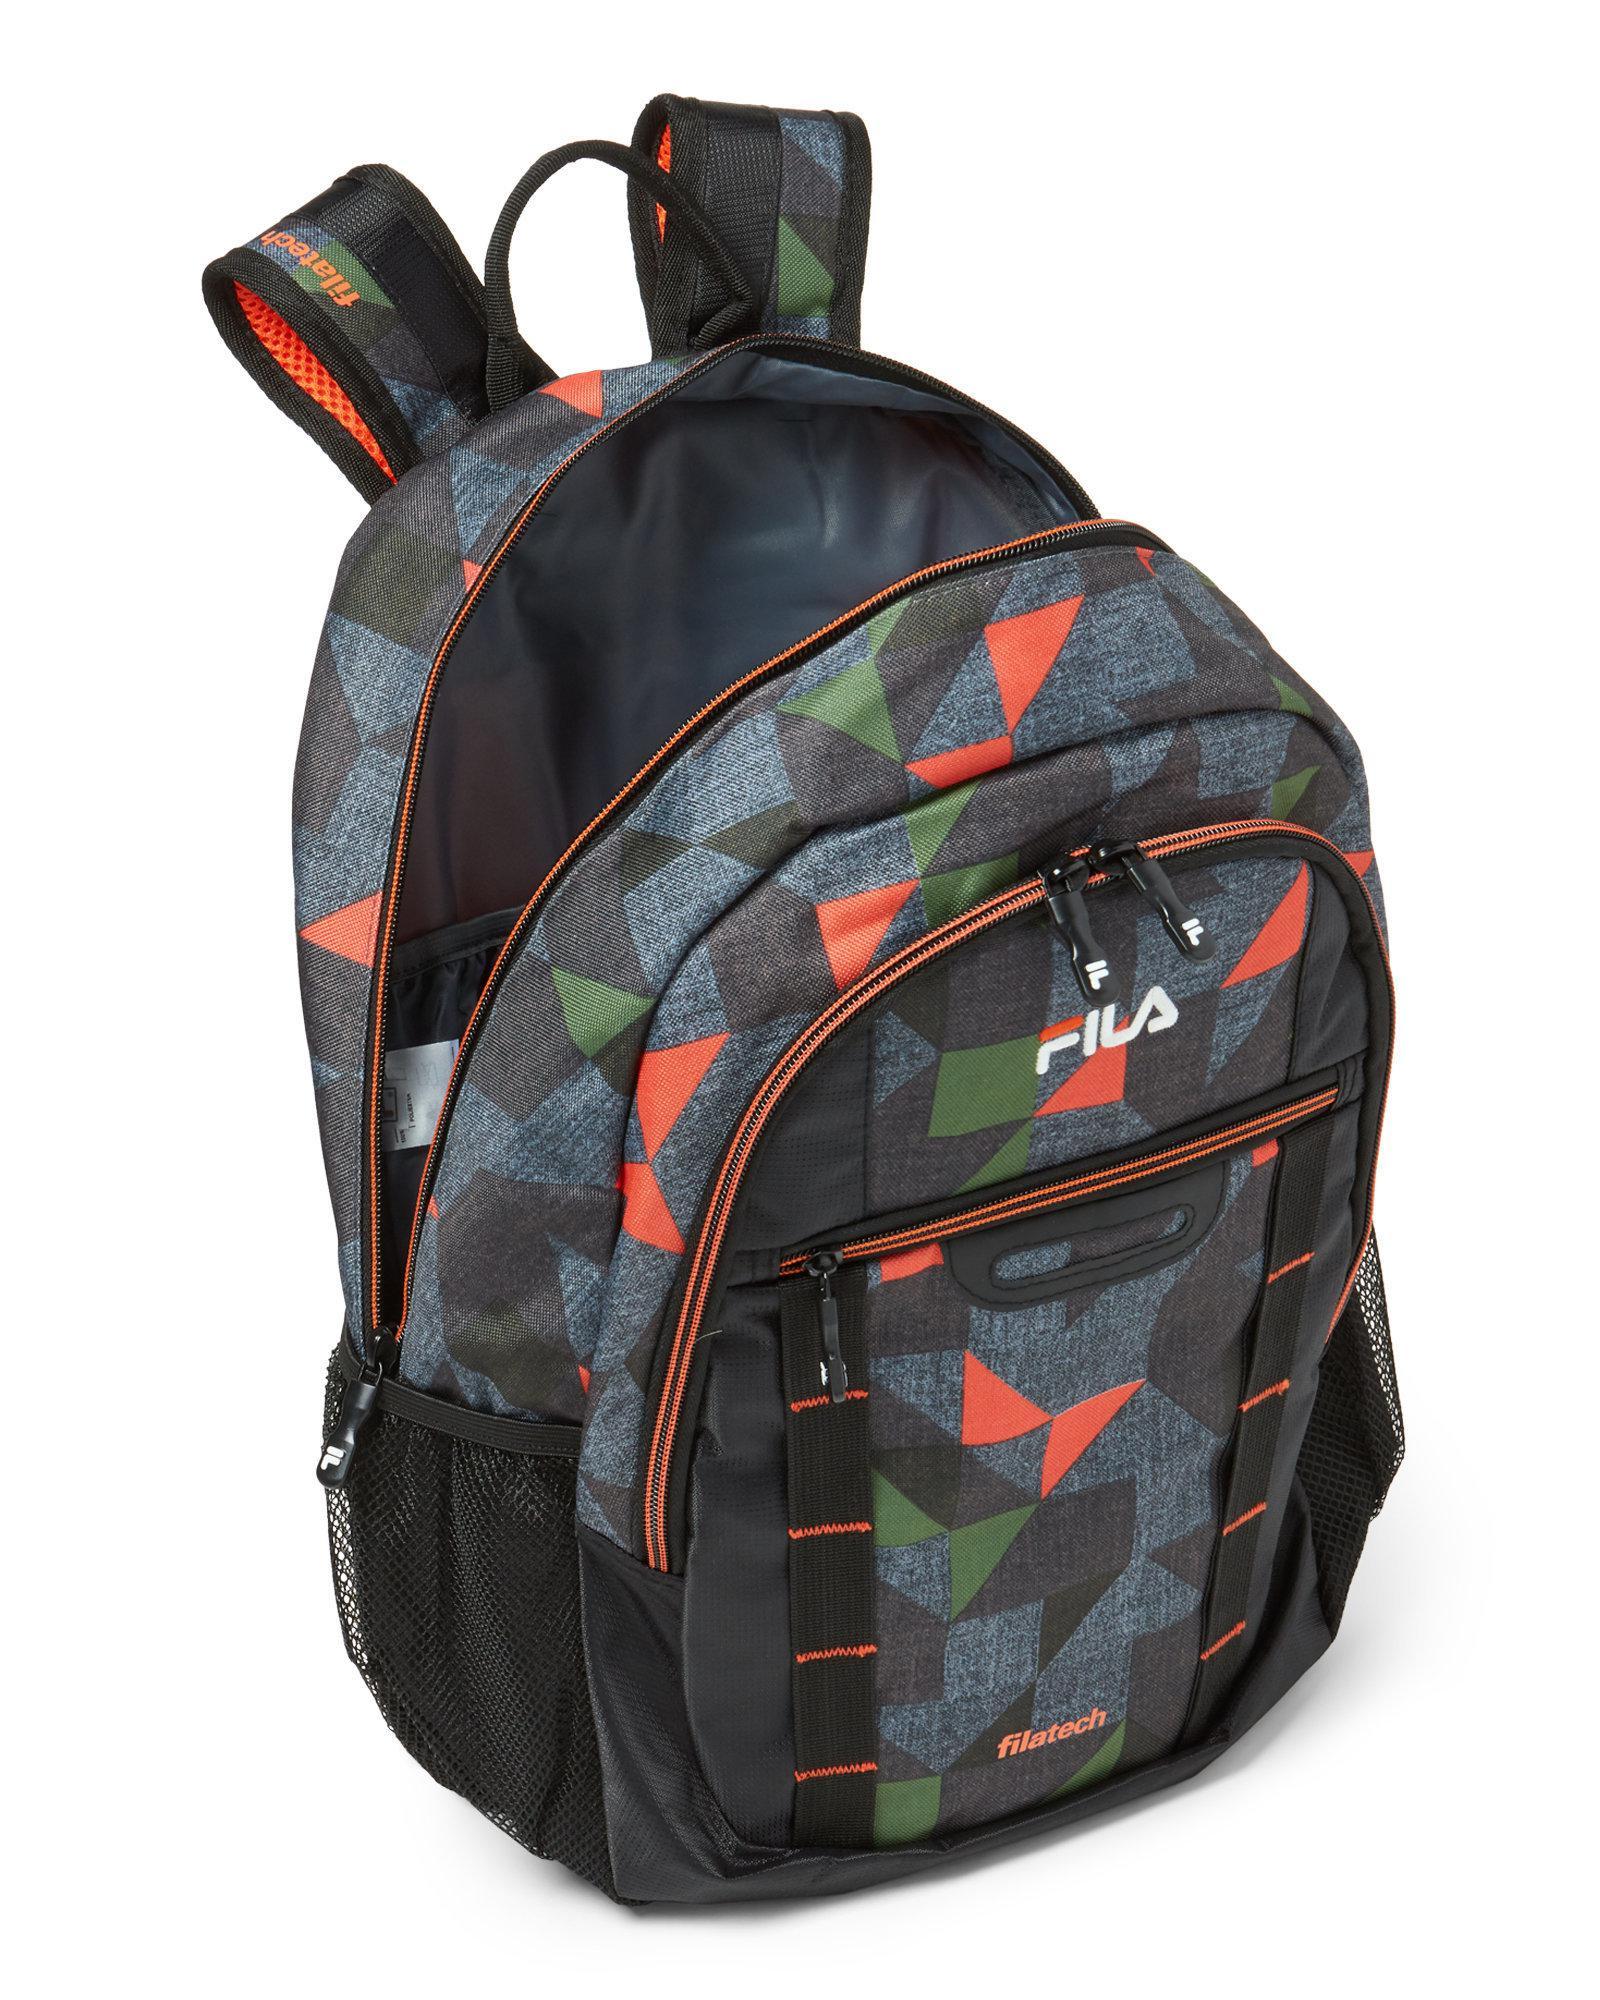 Lyst - Fila Ajax Printed Laptop Backpack